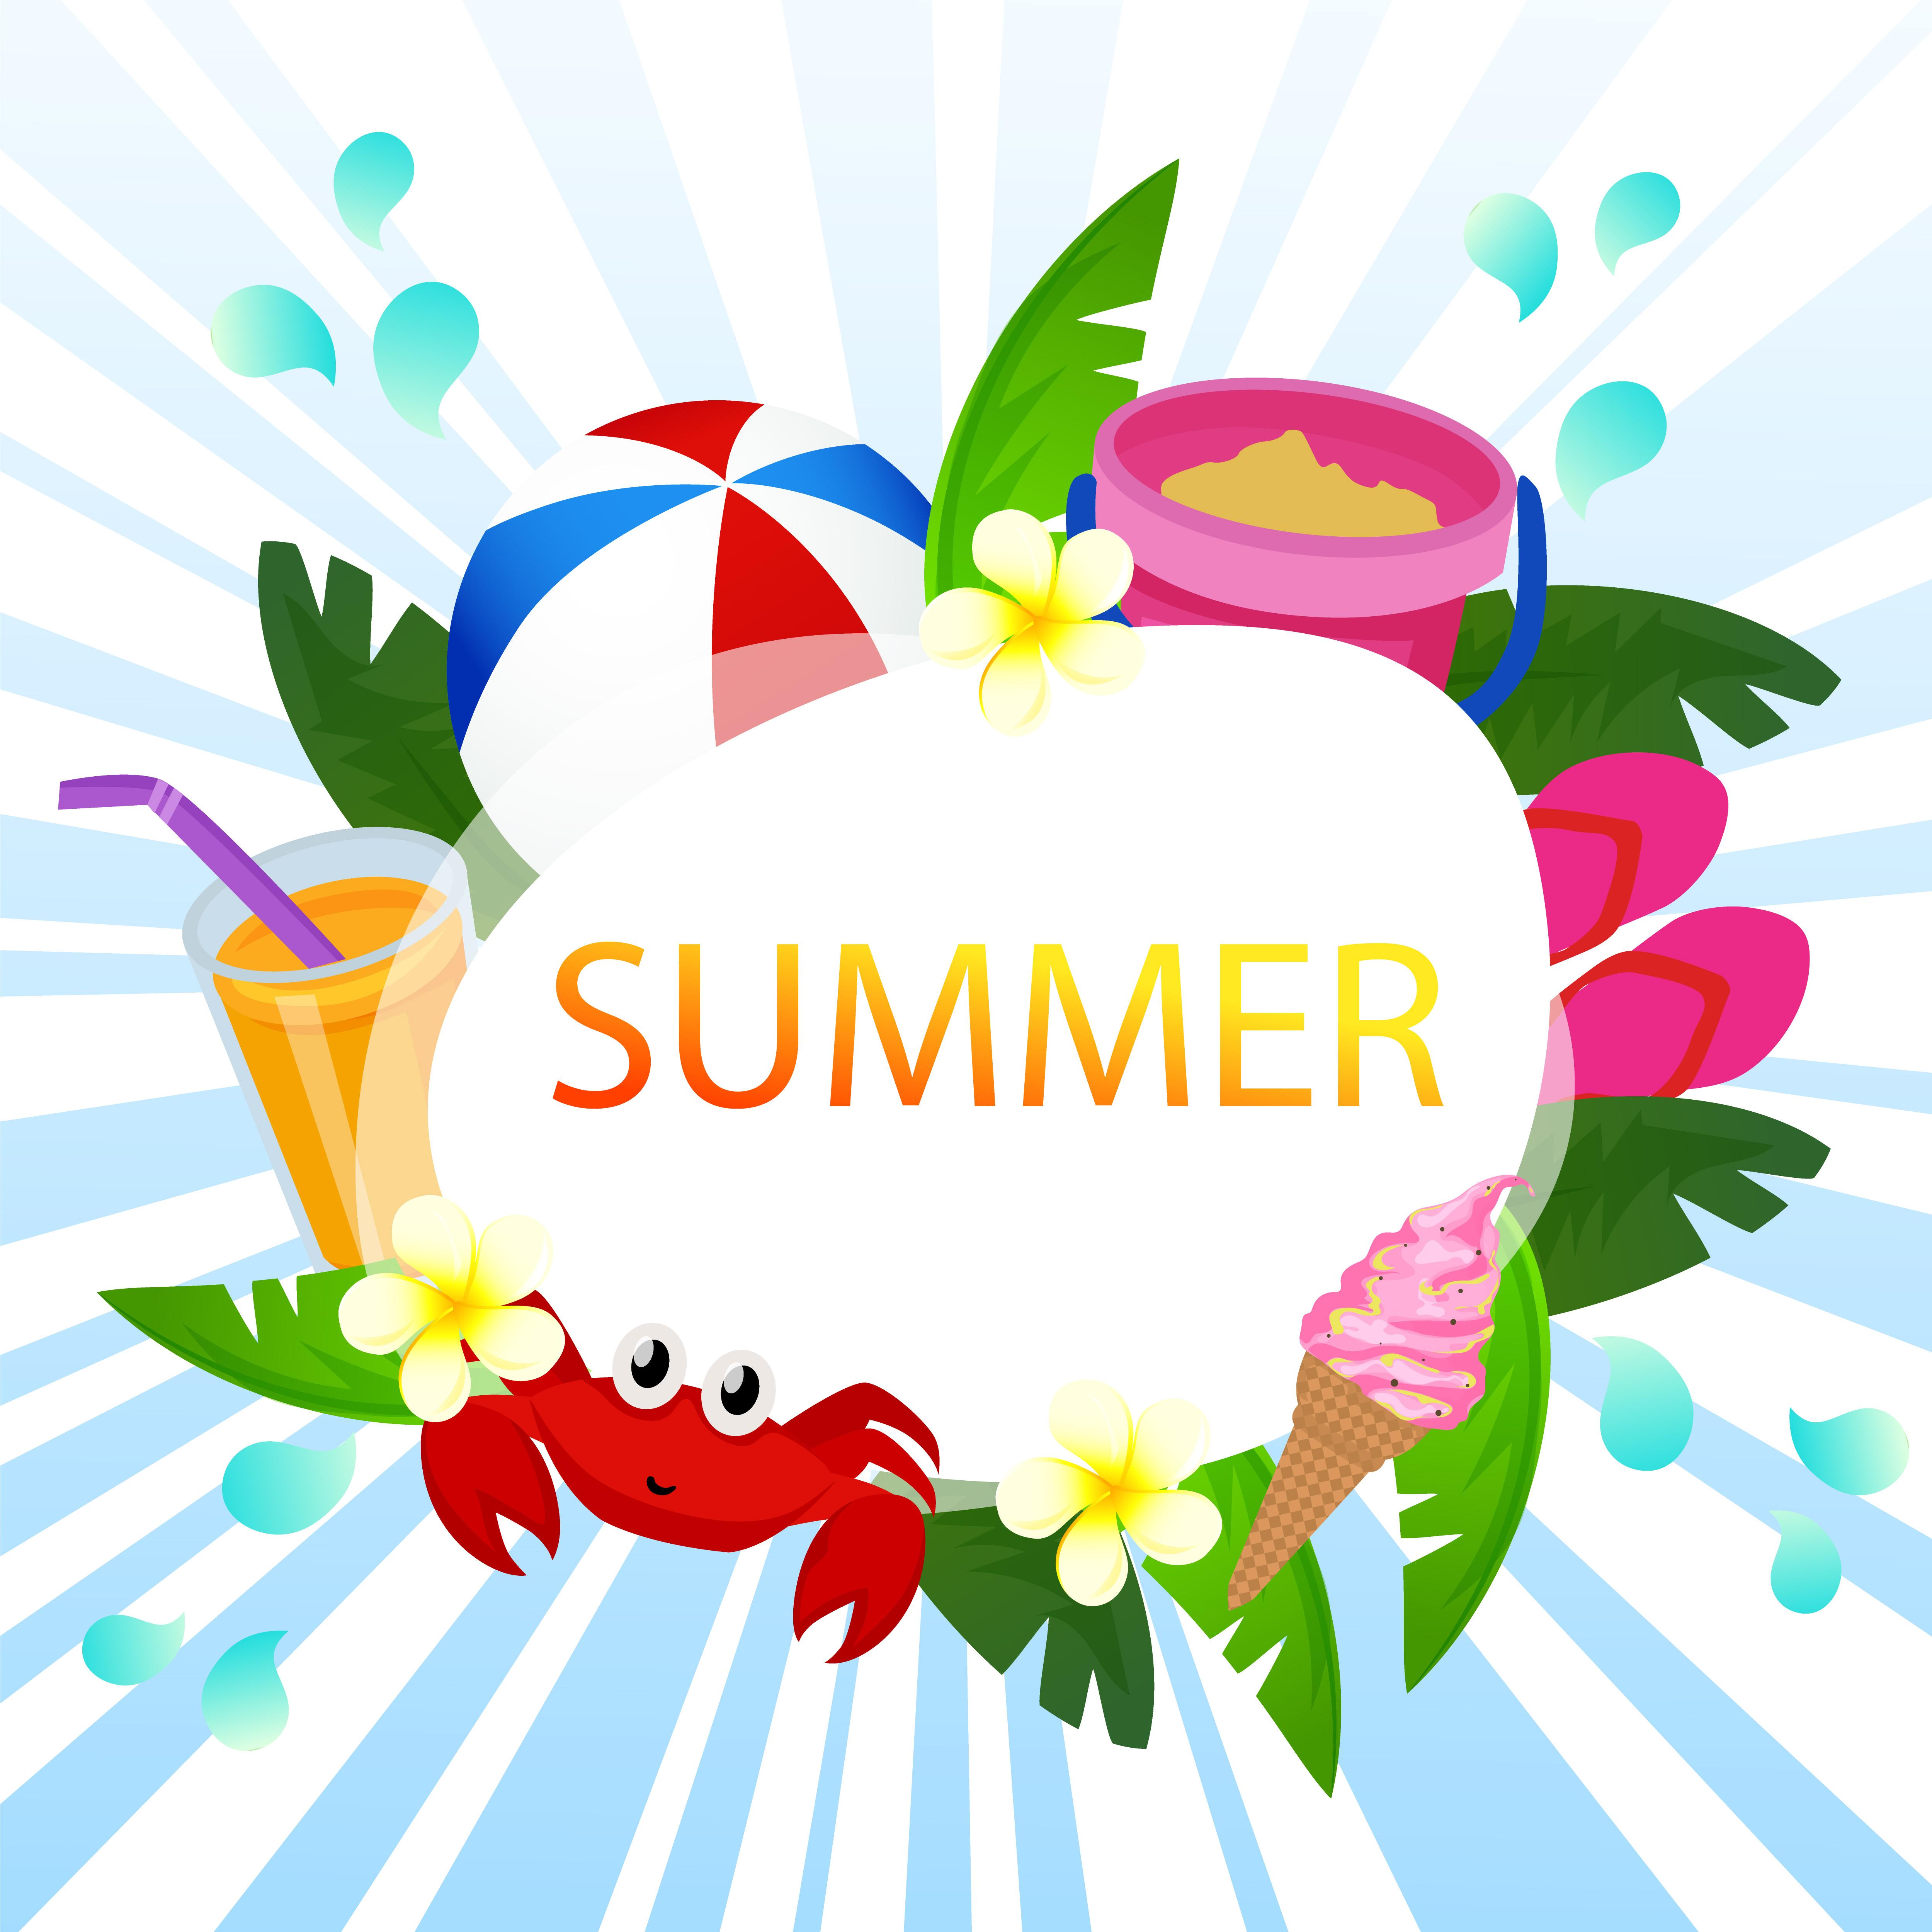 Beach Theme Card Stock: Beautiful Summer Card Vector Ocean Theme With Beach Play